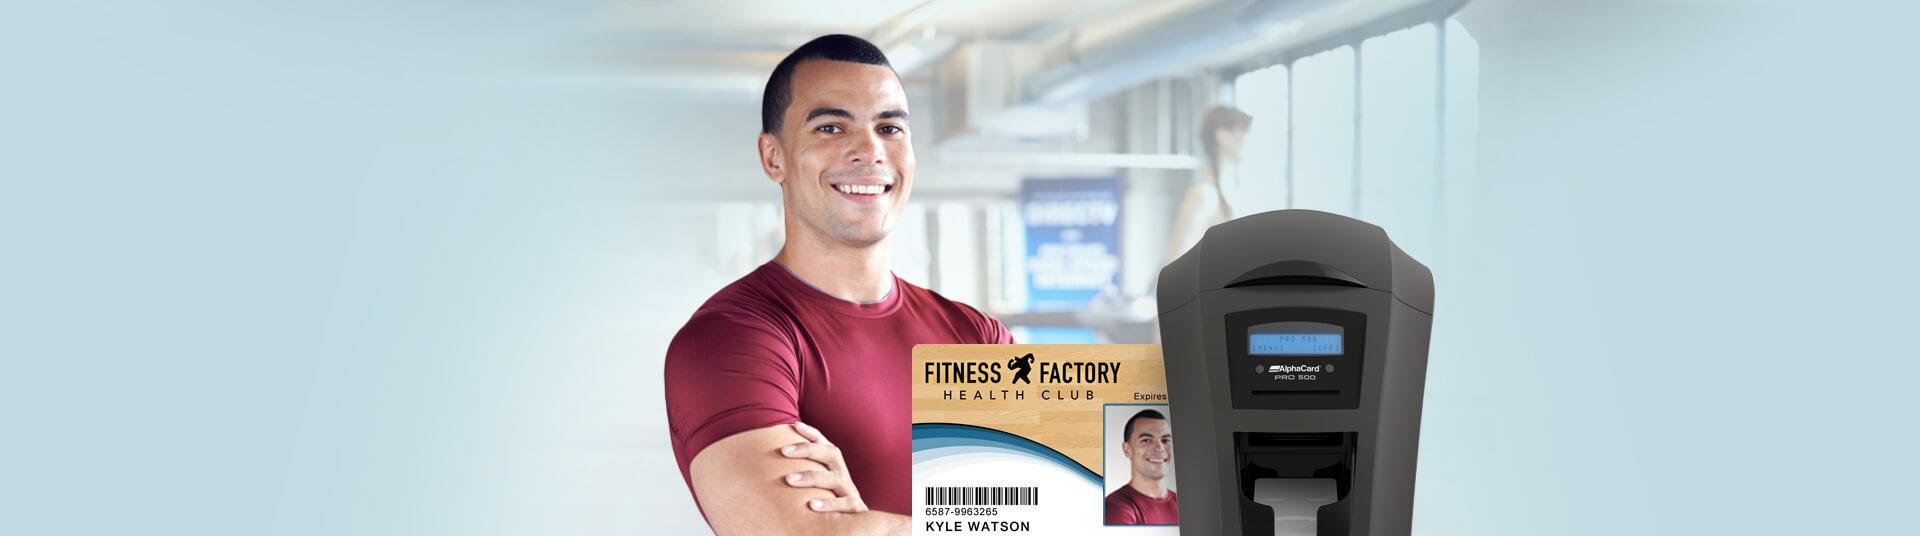 Gym & Health Club Cards